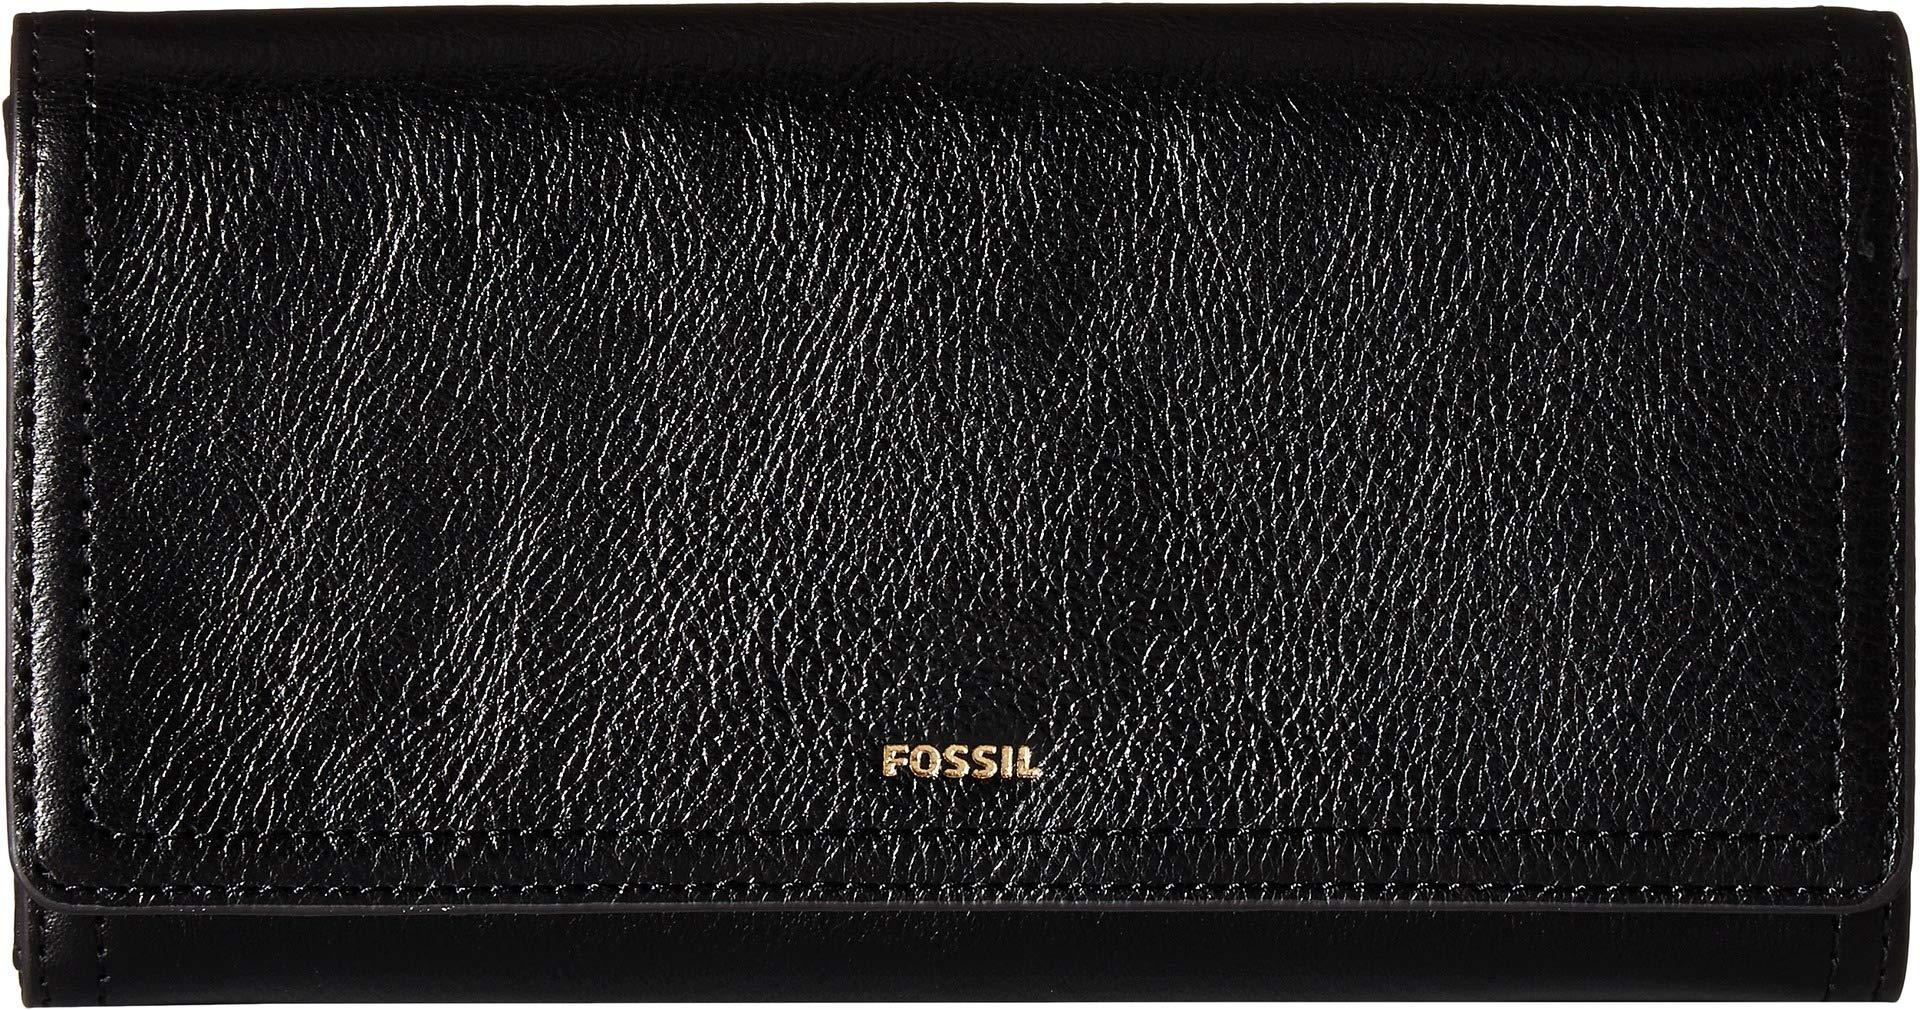 Fossil Logan RFID Flap Clutch Black by Fossil